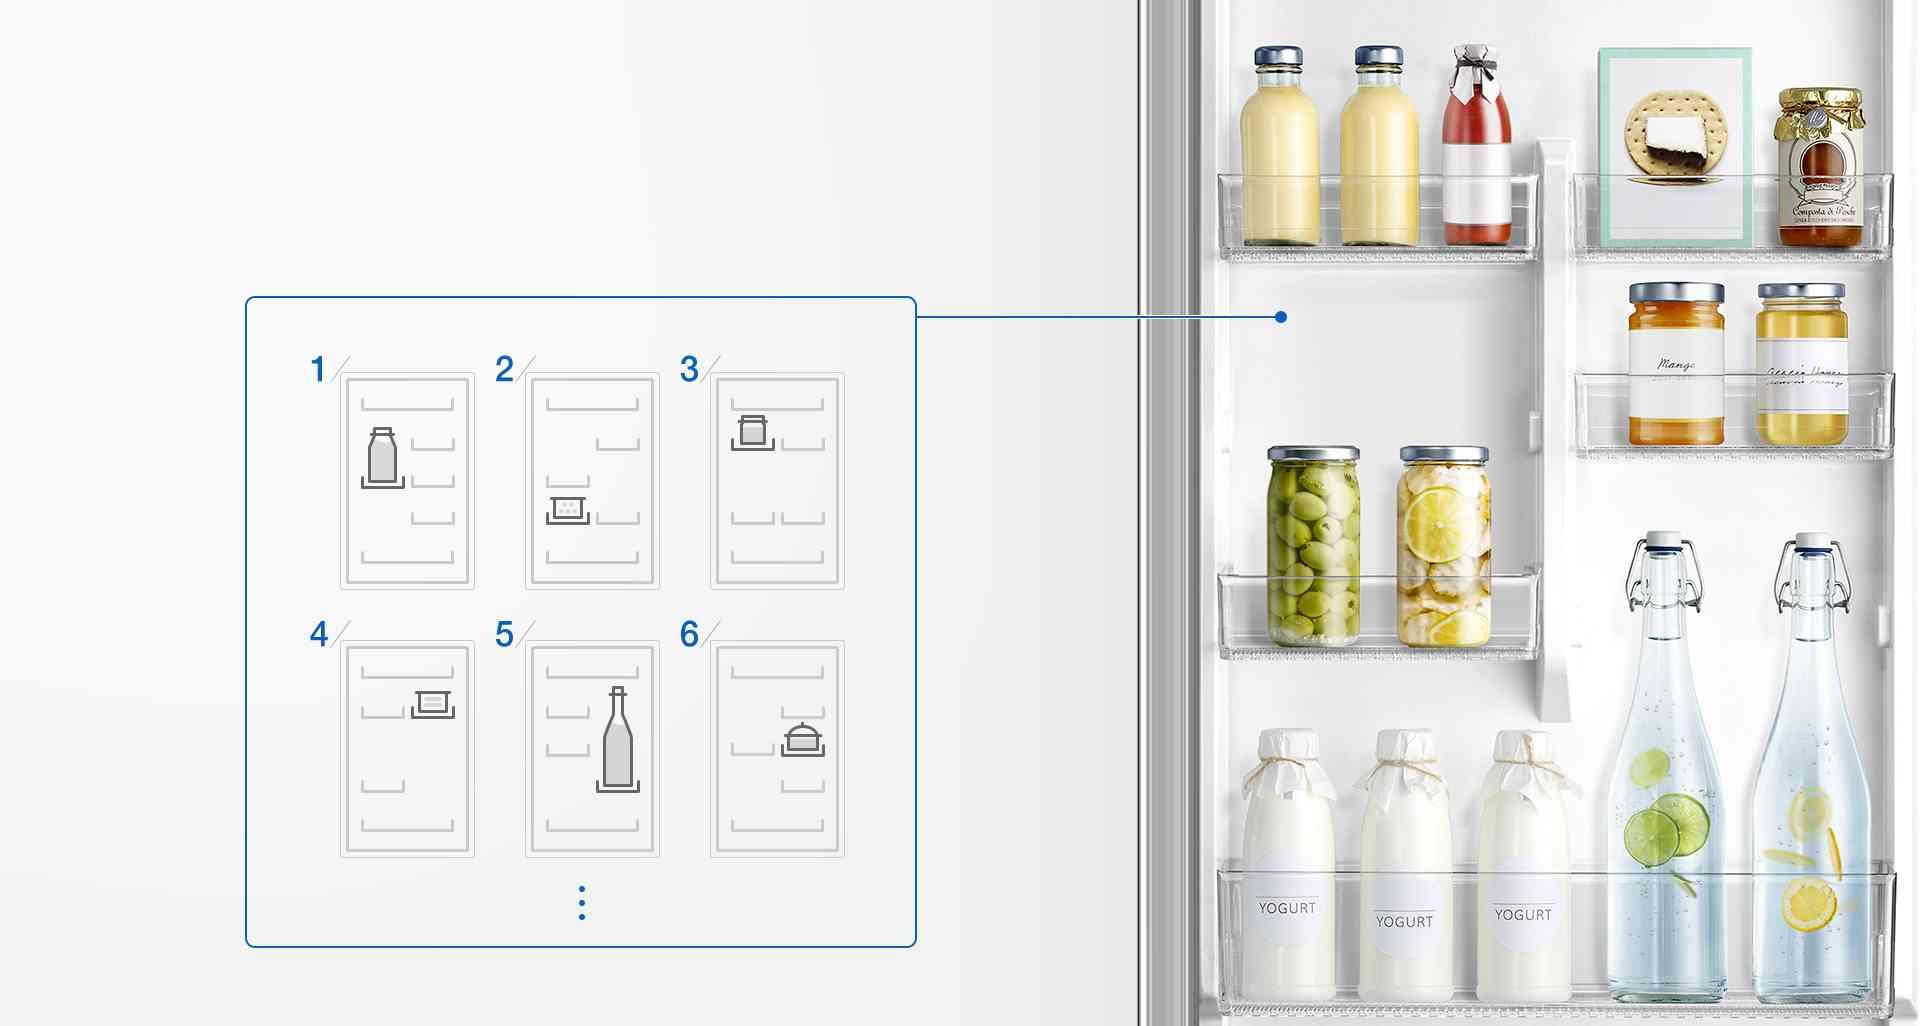 frigorifico samsung botellas